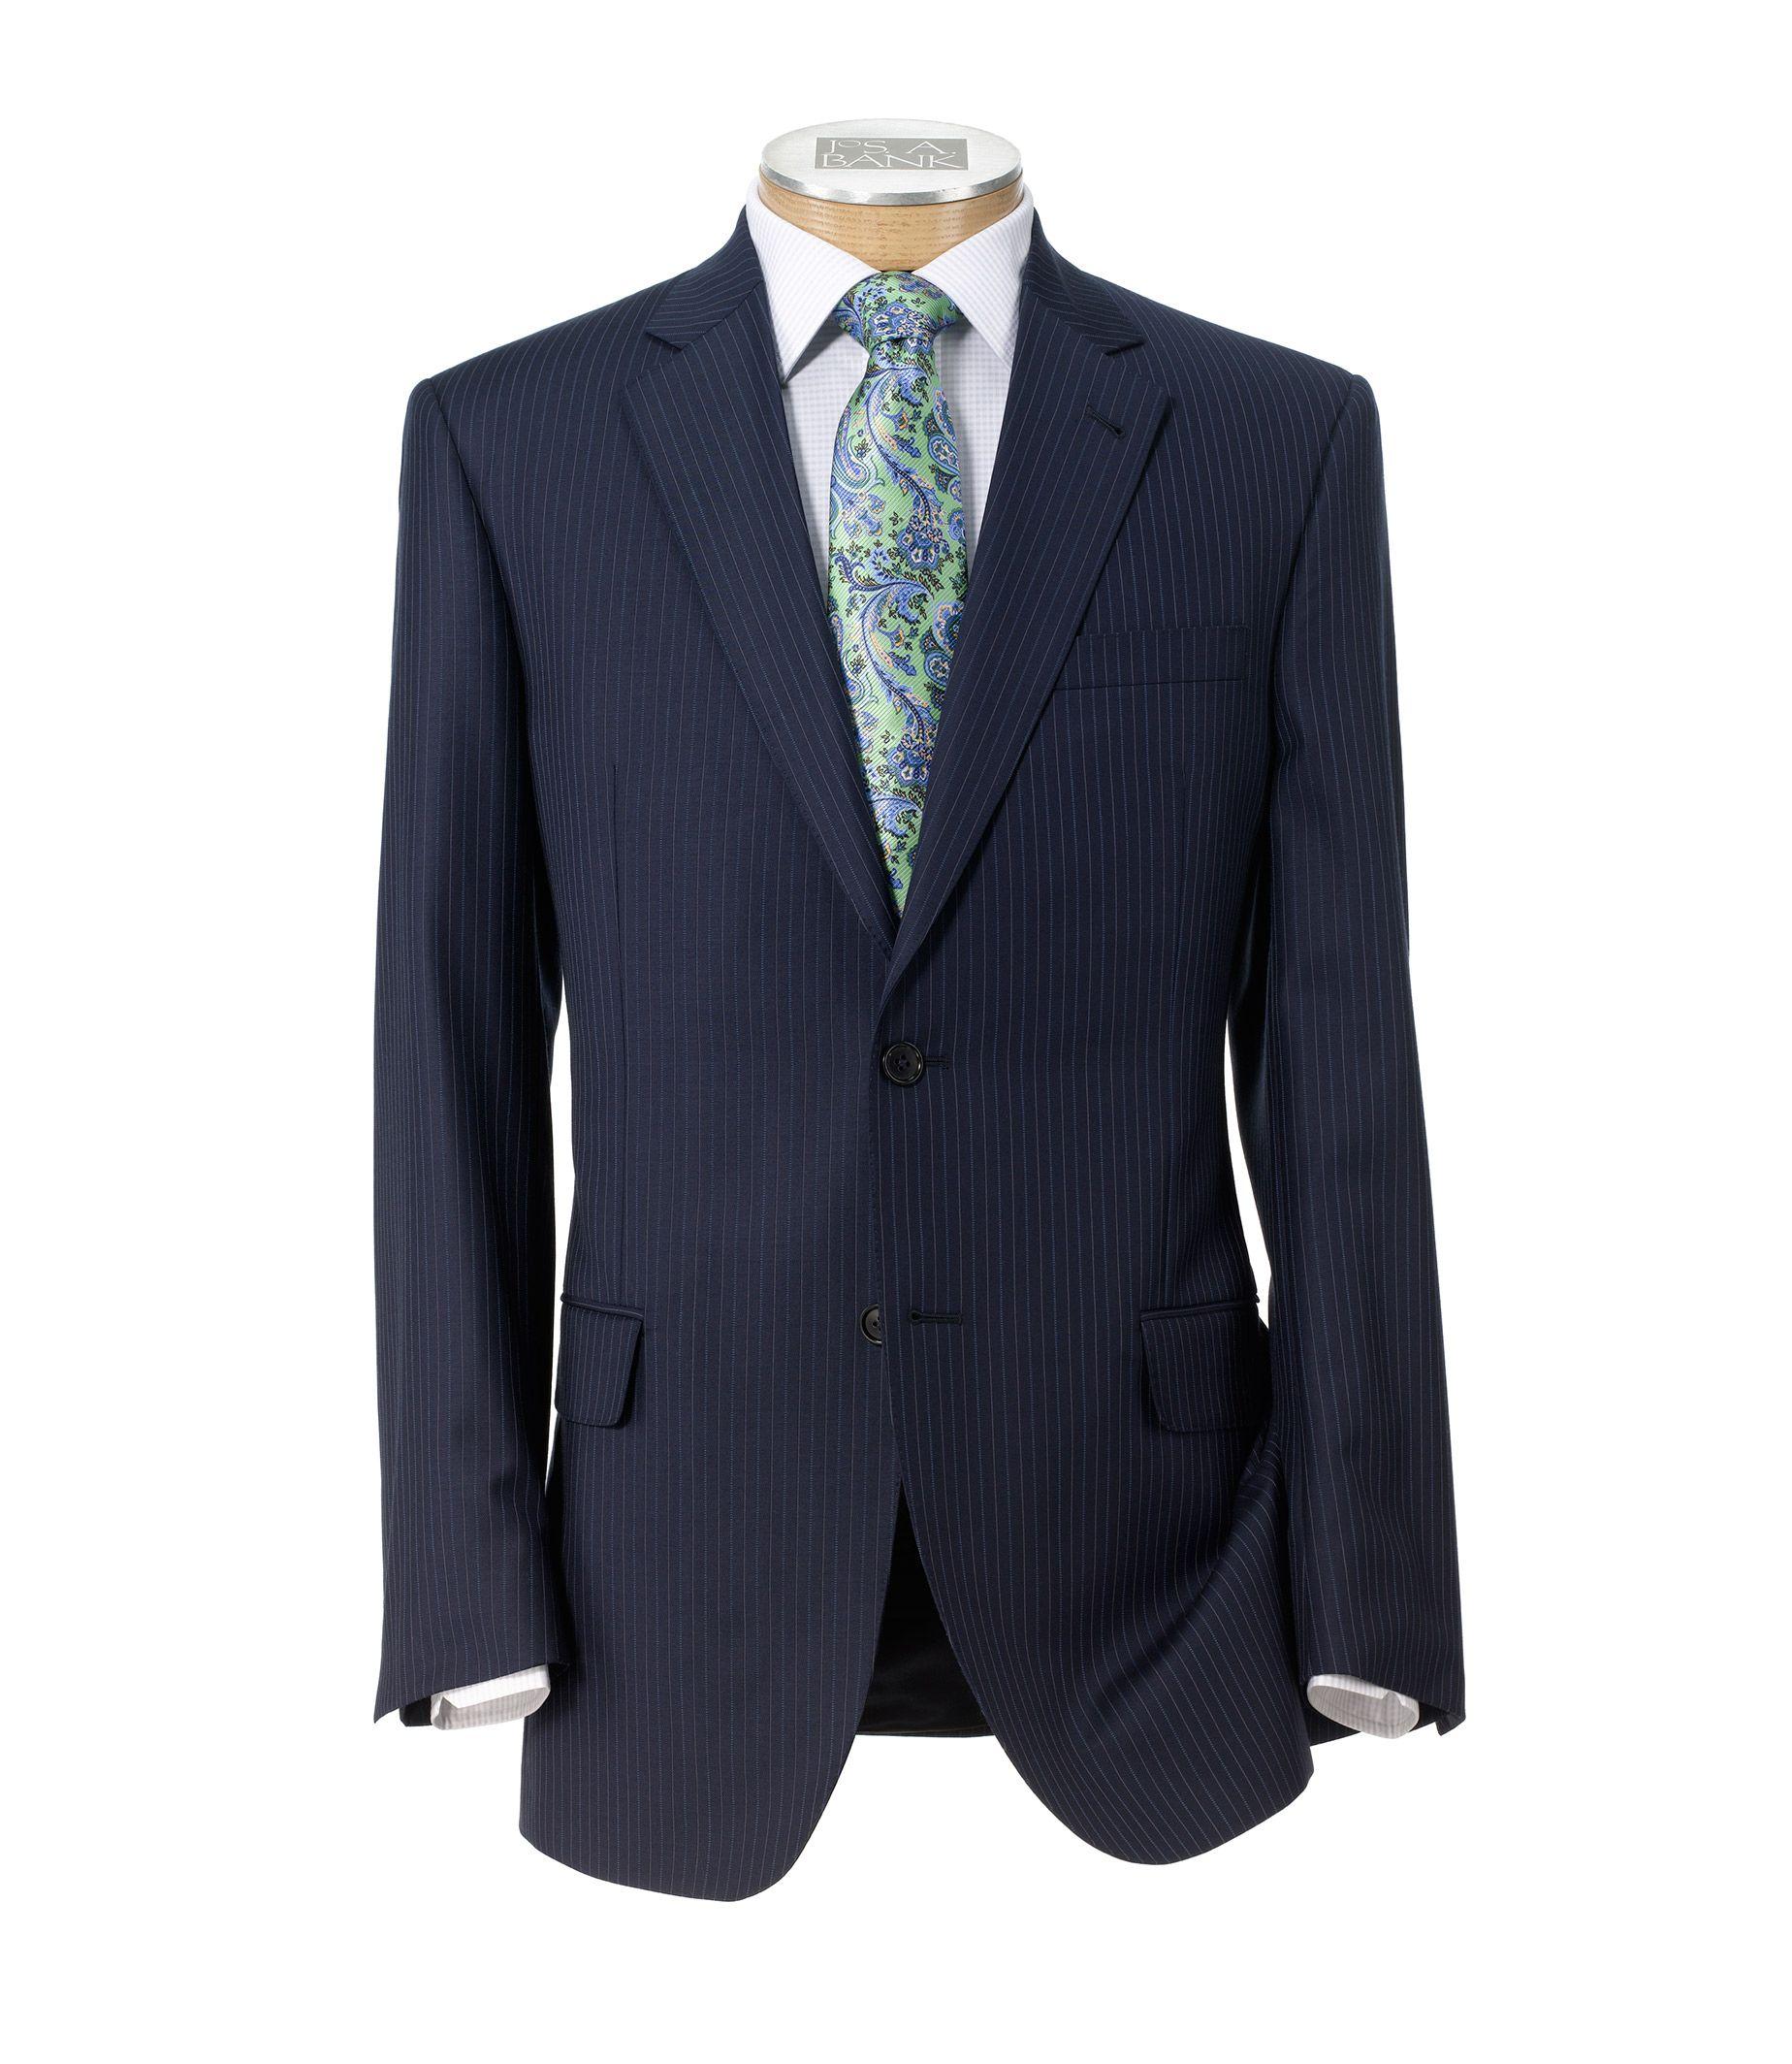 Signature Gold 150s 2 Button Plain Front Suit Extended Sizes